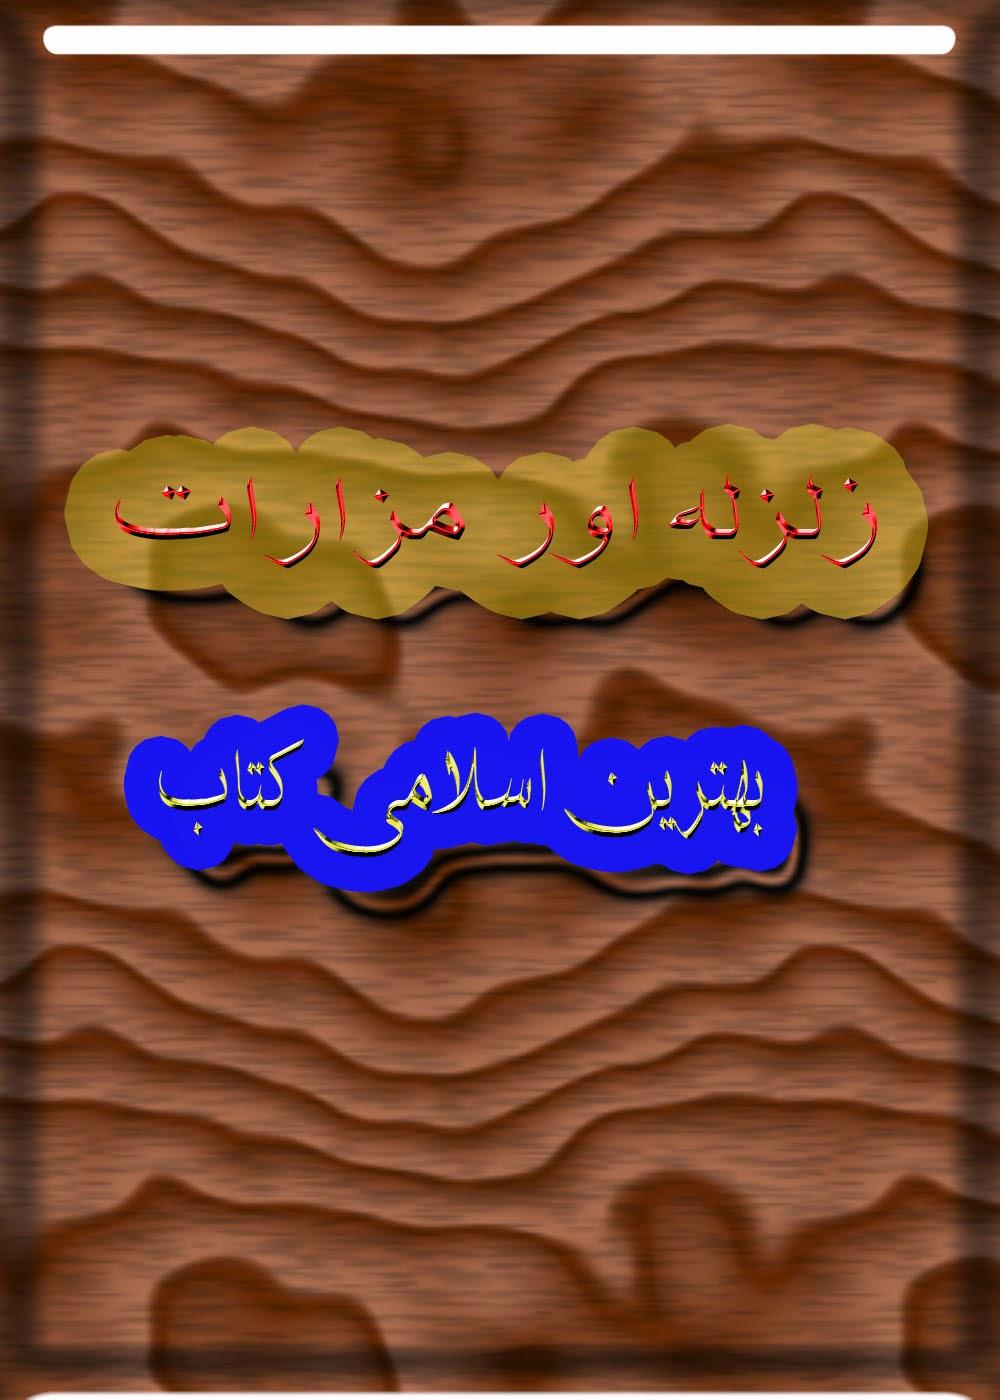 https://ia601505.us.archive.org/18/items/ZalzalaAurMazaratSigned/ZalzalaAurMazarat-signed.pdf